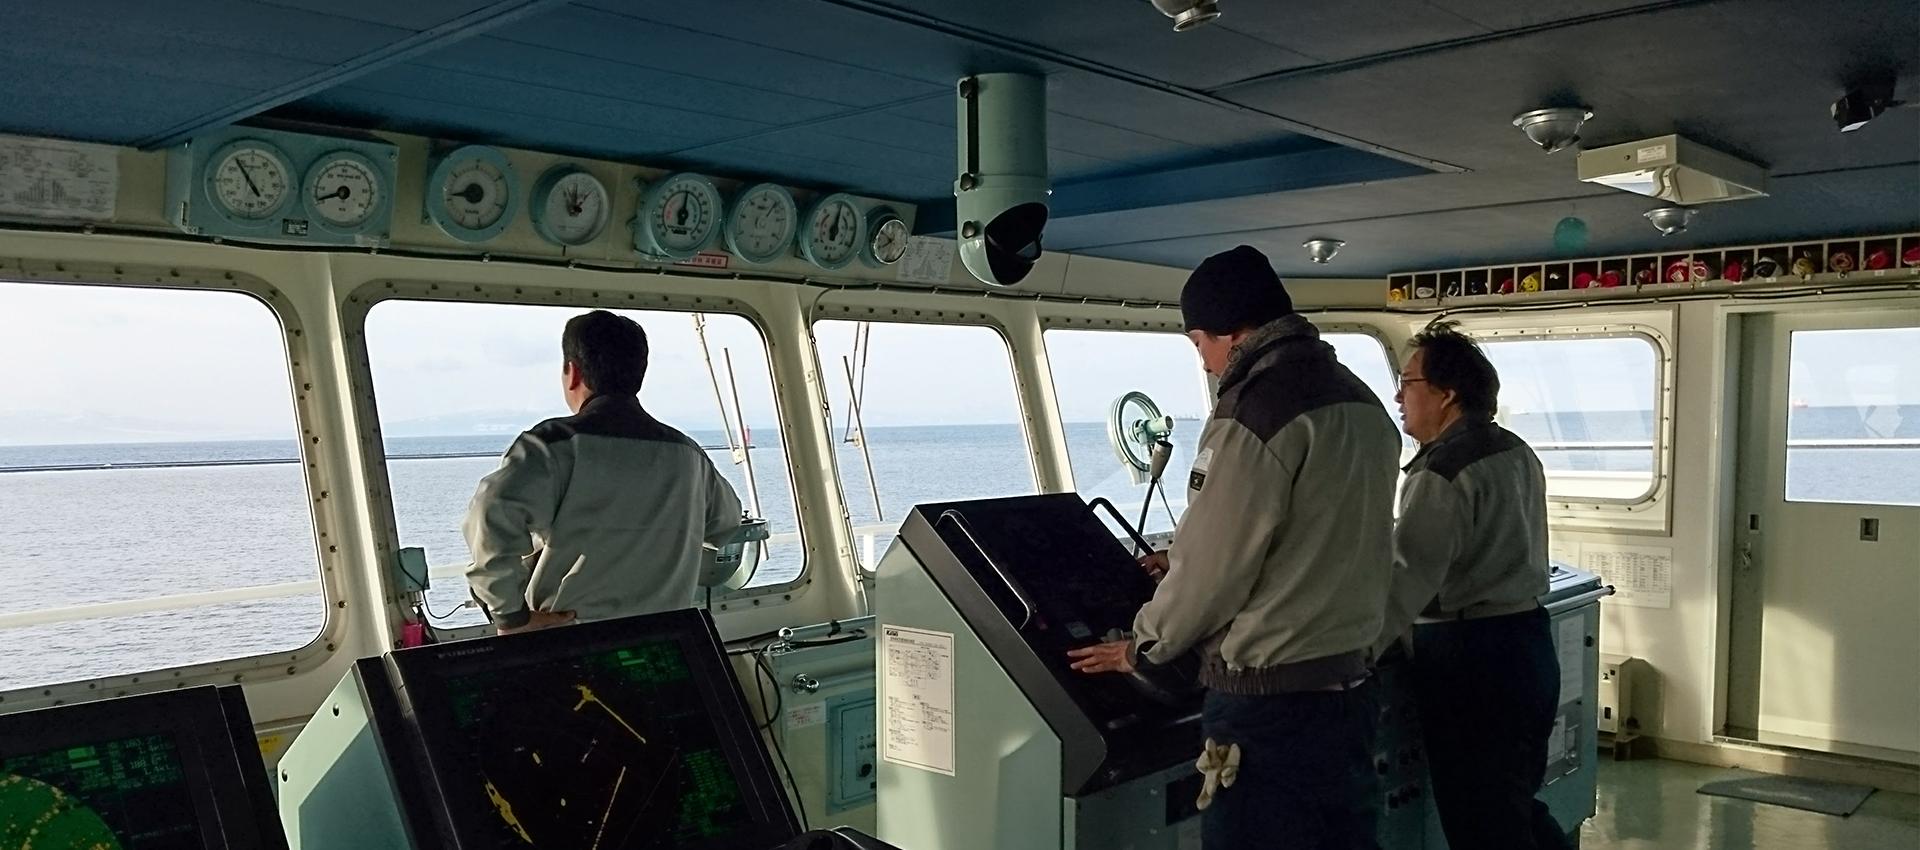 愛媛県松山市の内航海運業・興栄海運